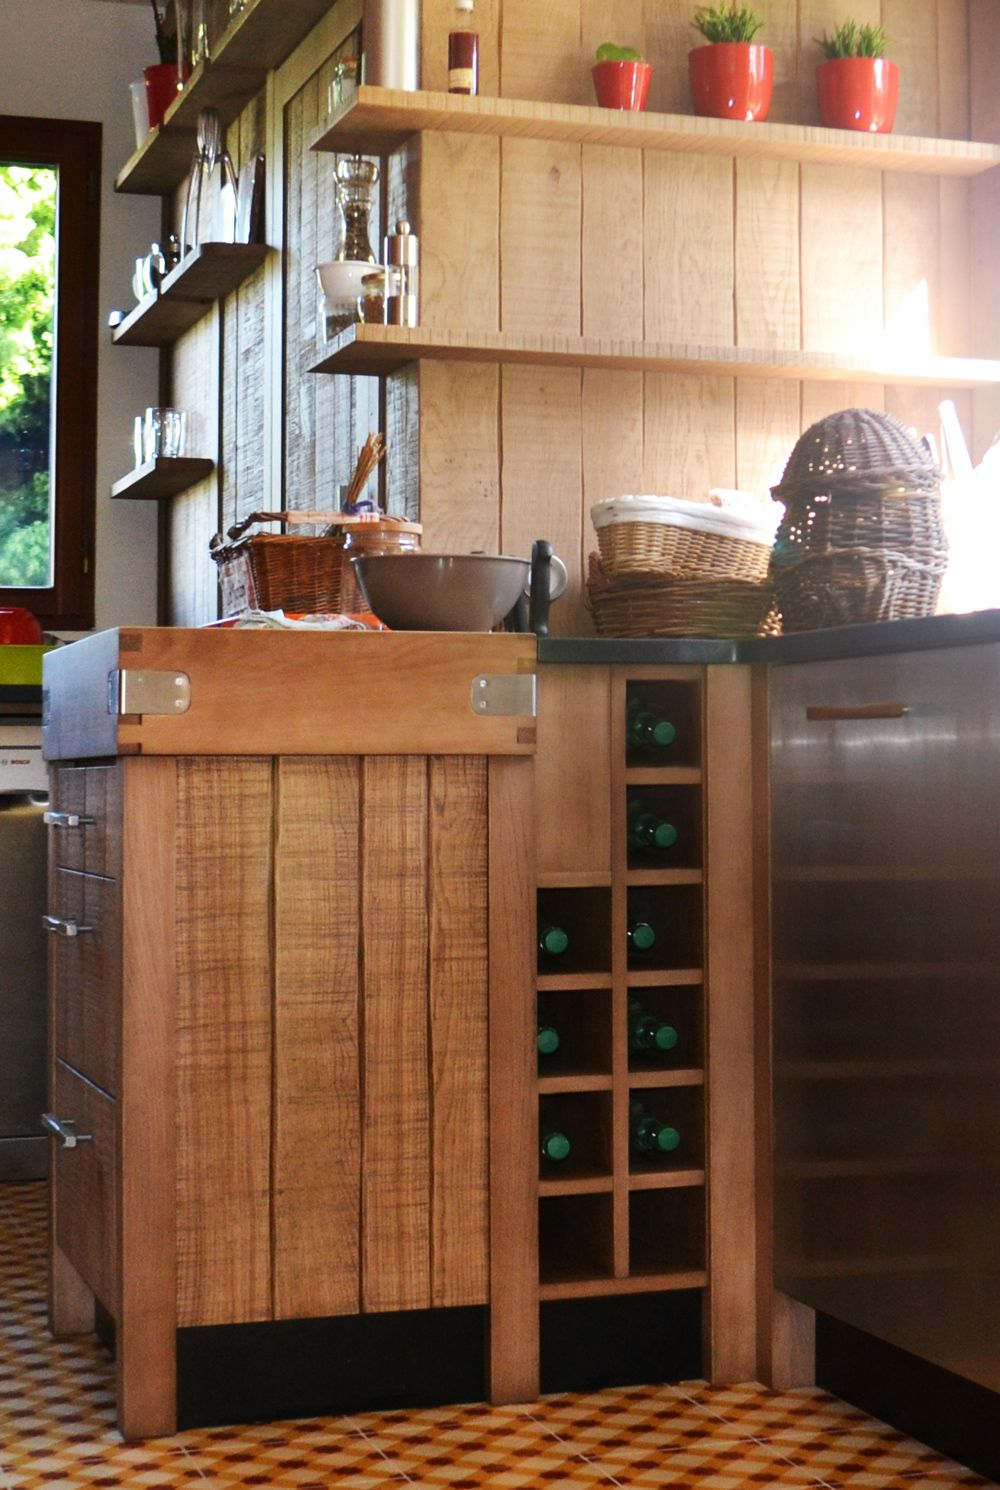 Facade De Cuisine En Chene Massif un chaleureux atelier culinaire - cuisine chêne massif